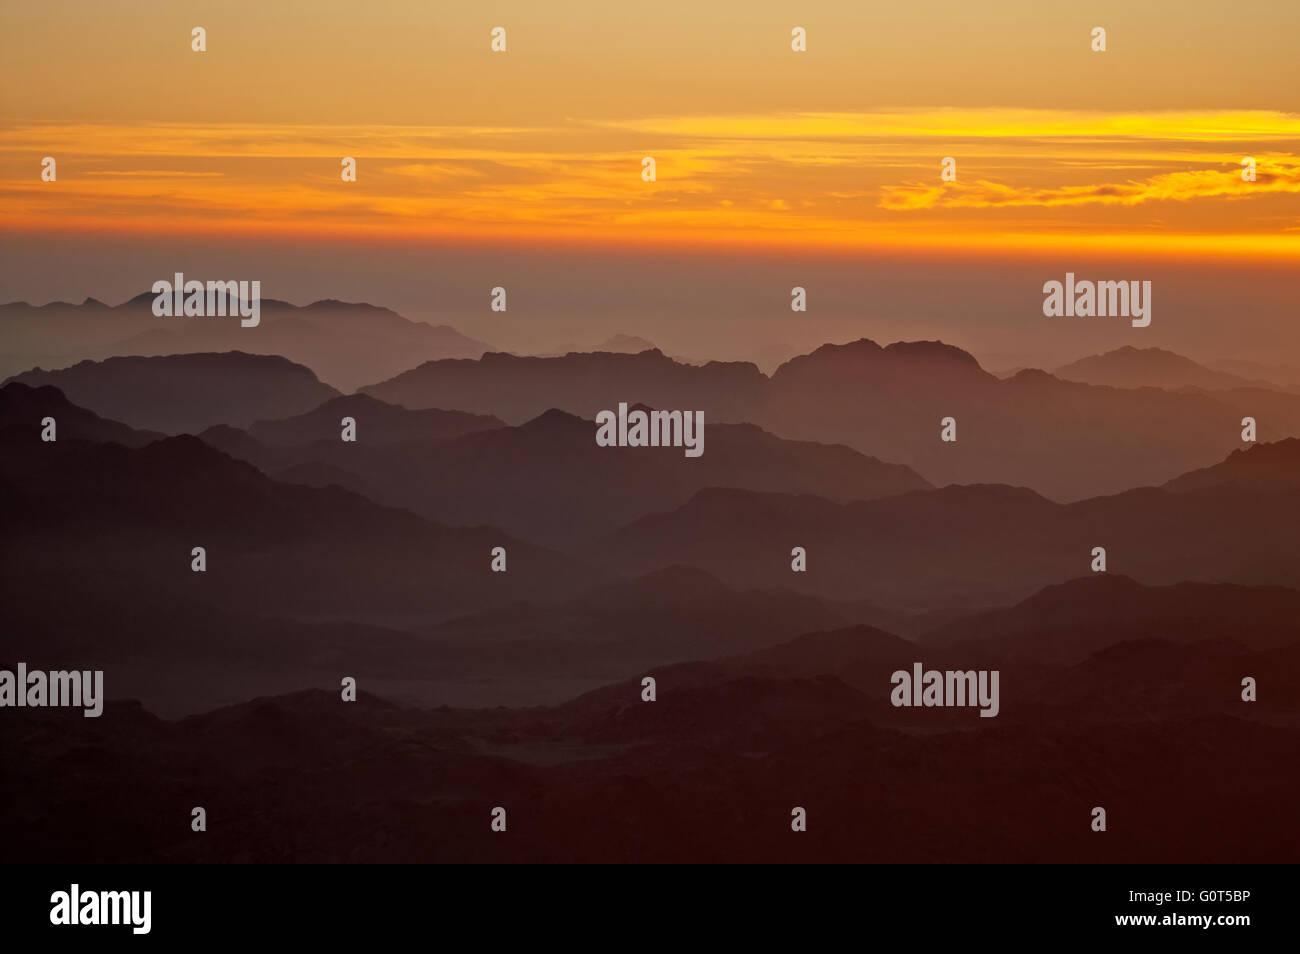 Panorama rocks of holy ground Mount Sinai on the sunrise, Egypt - Stock Image